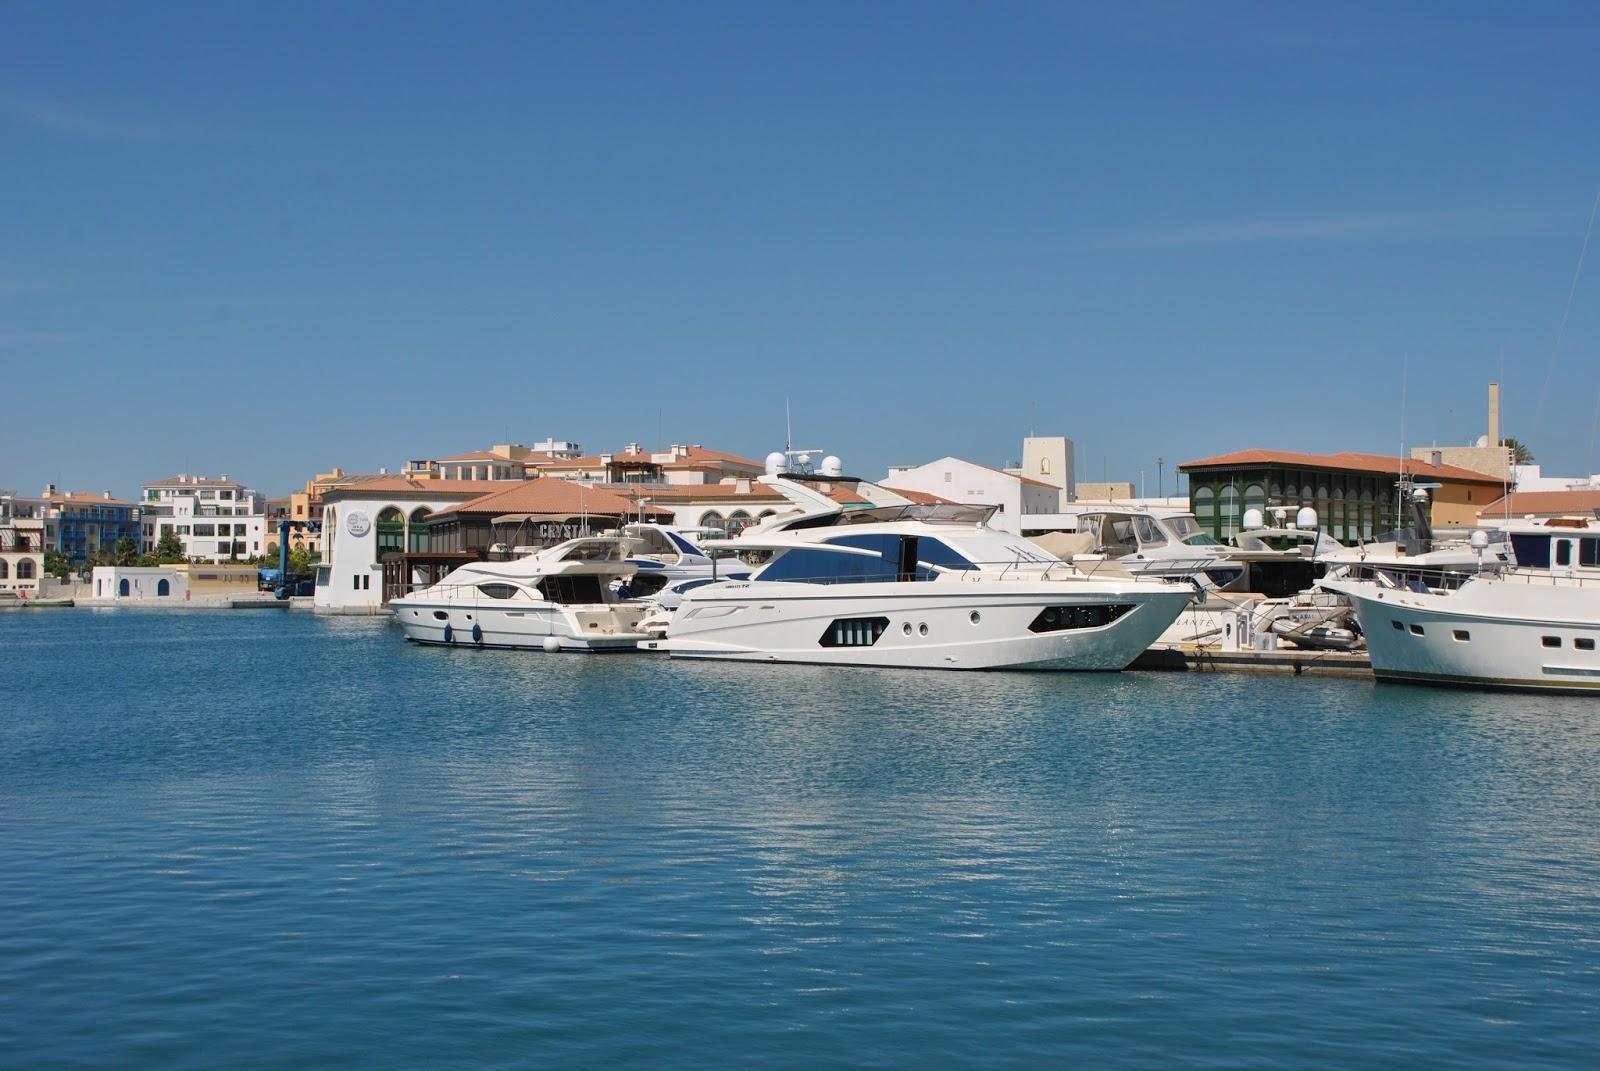 Cypr południowy_Limassol